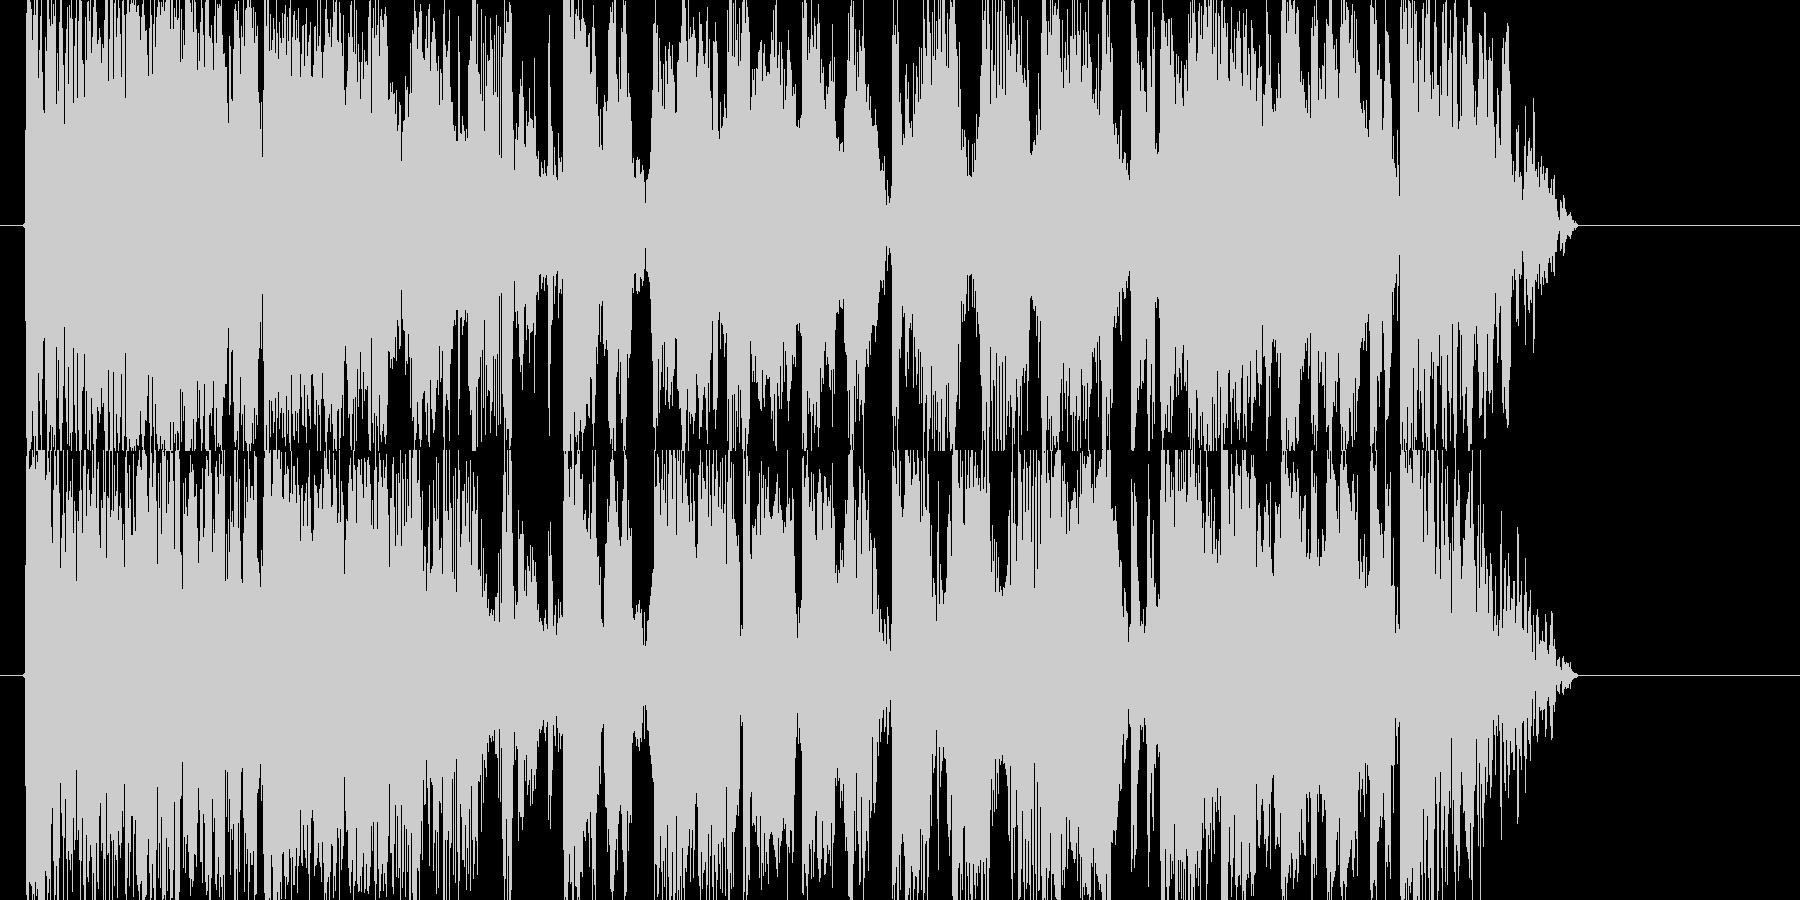 ブレイクビートを基調にした登場系ジングルの未再生の波形